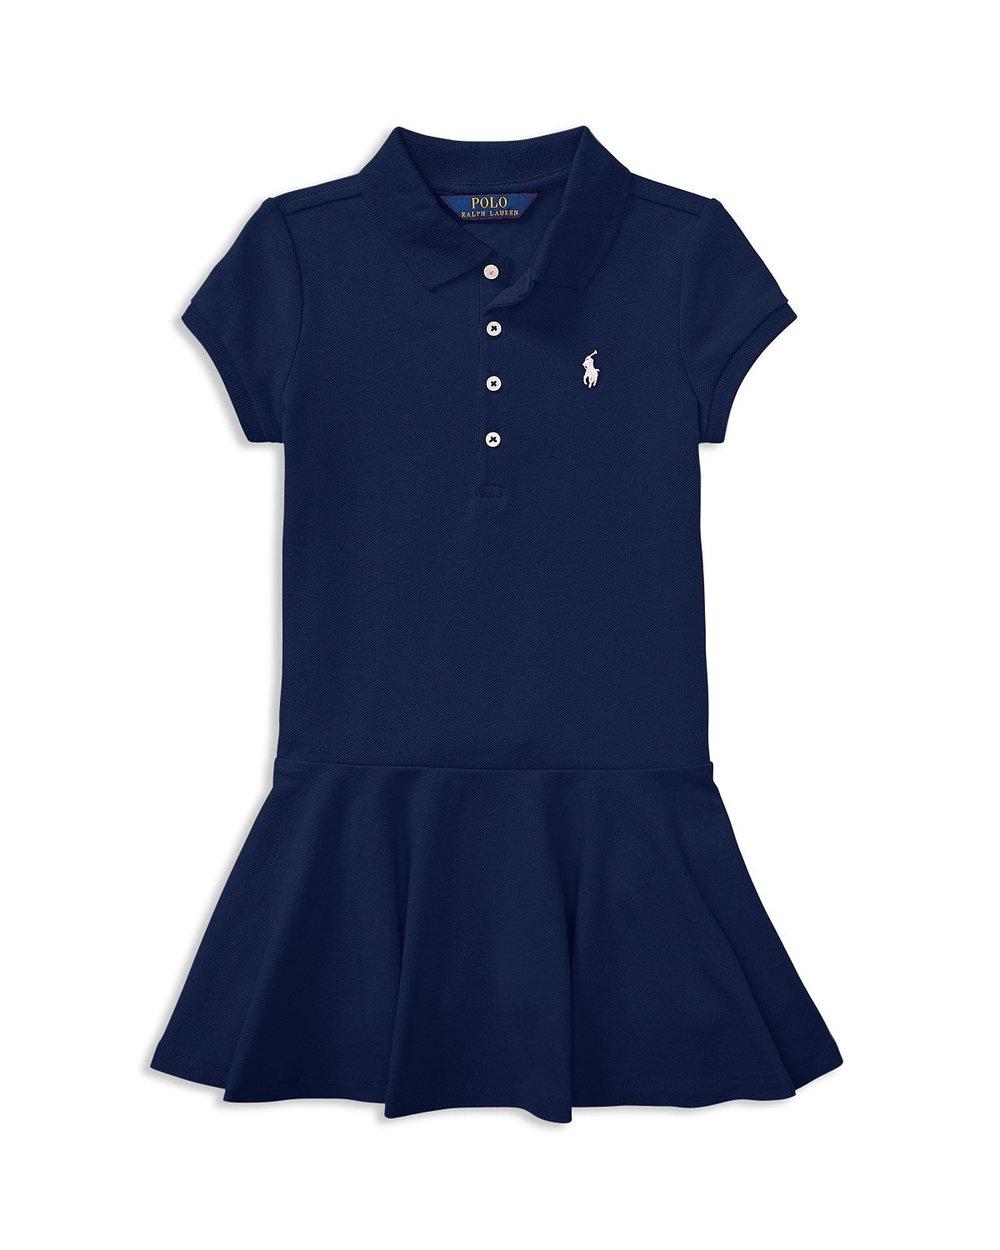 ralph lauren polo shirt dress.jpg